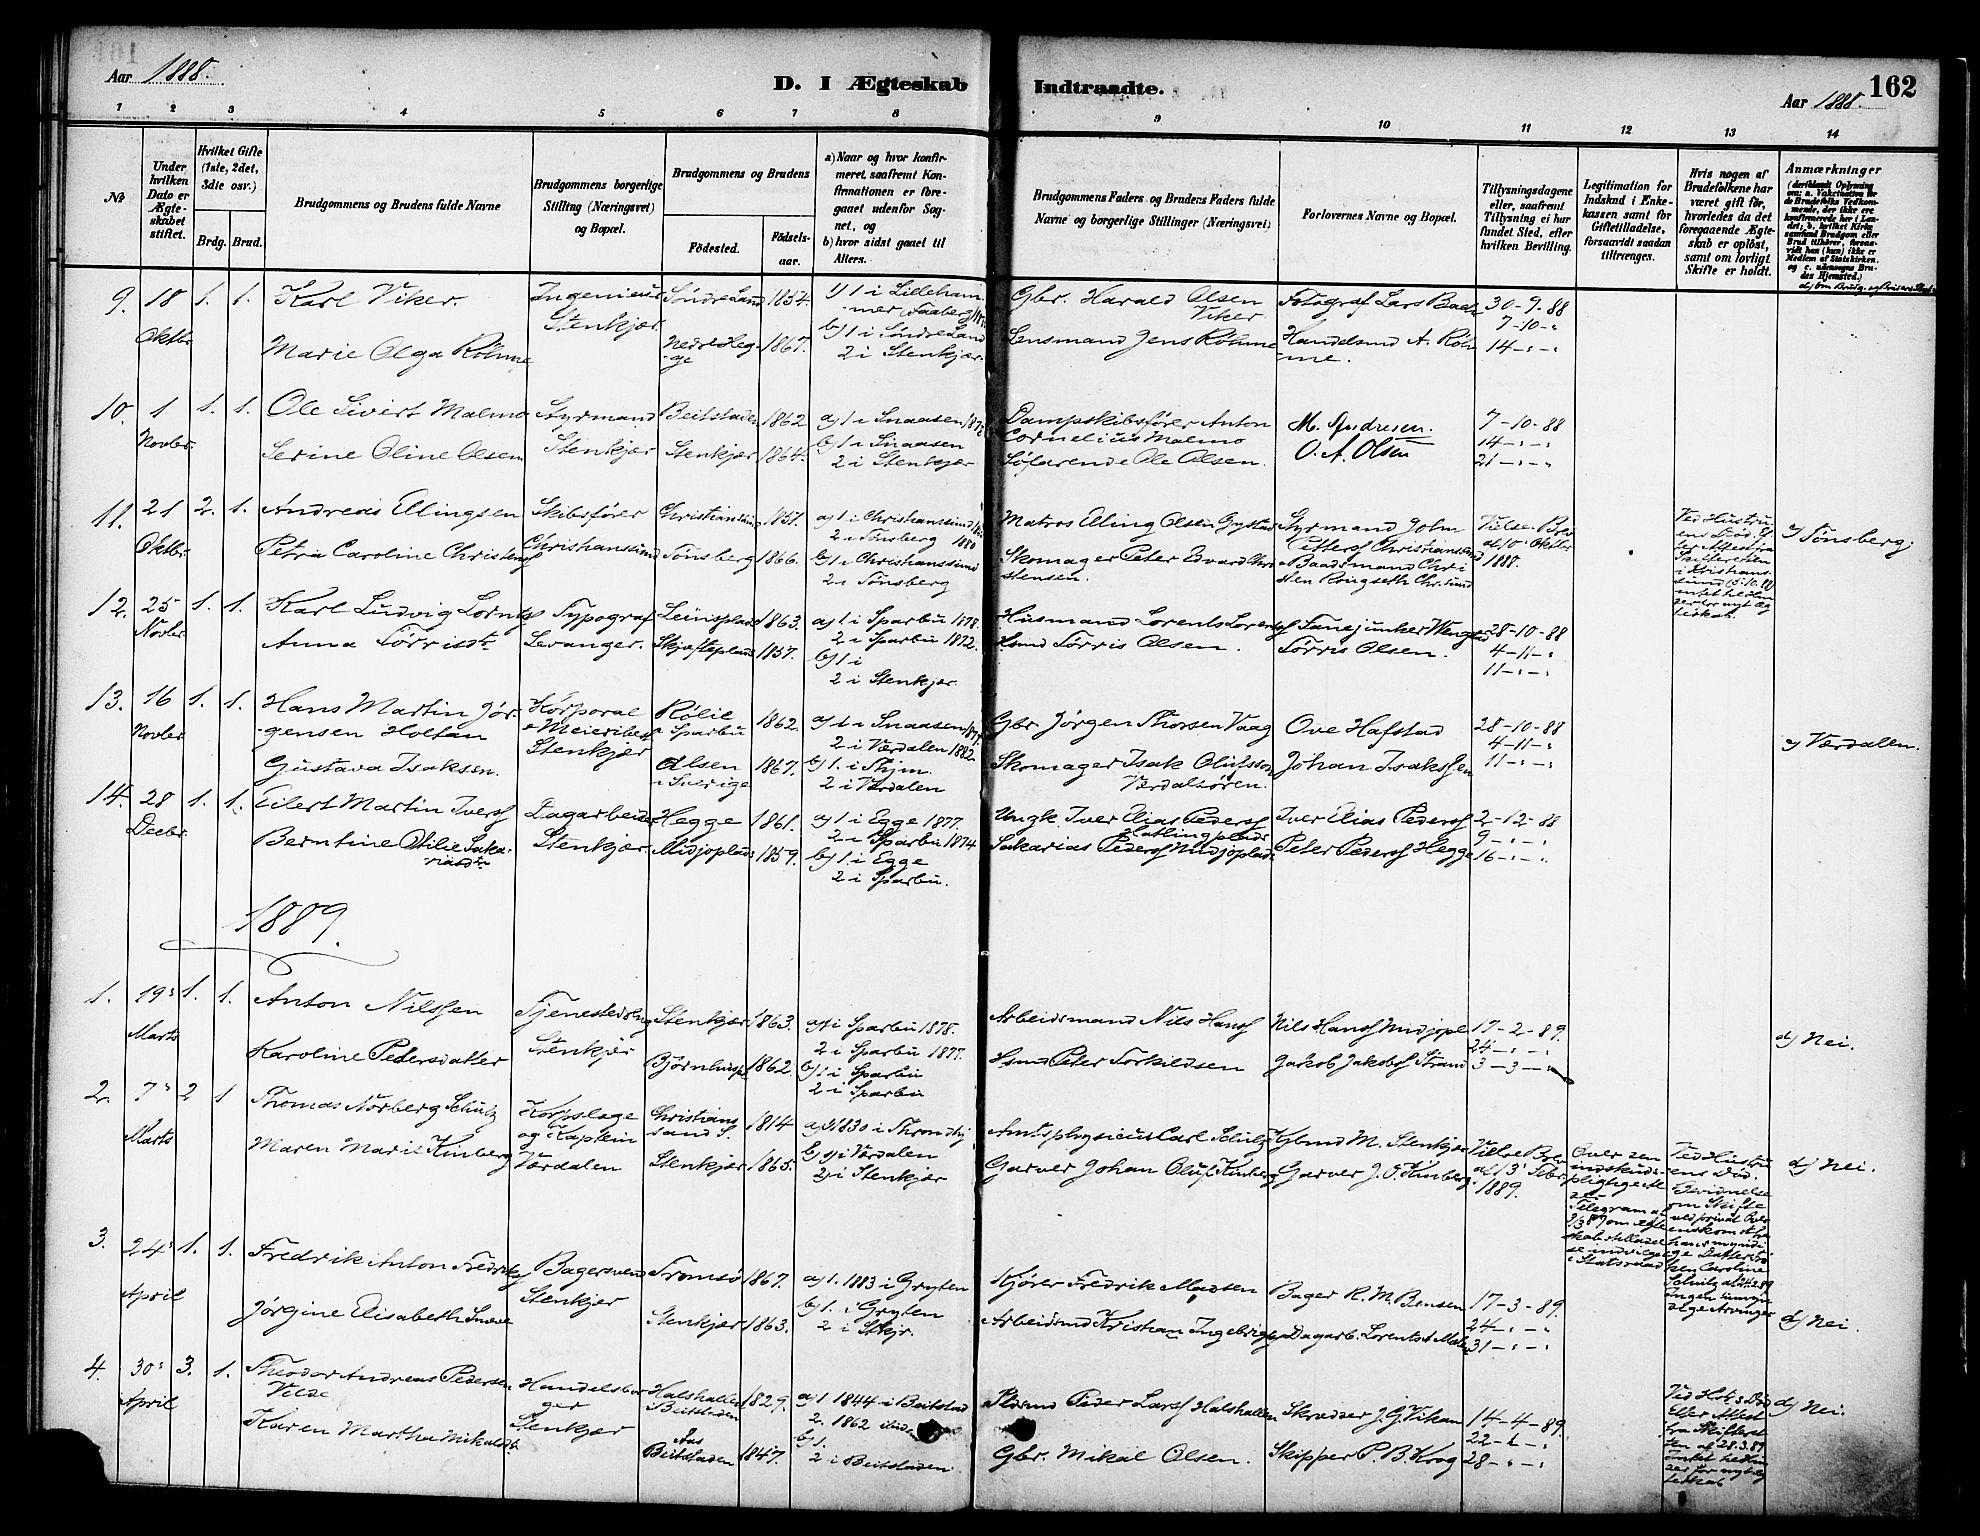 SAT, Ministerialprotokoller, klokkerbøker og fødselsregistre - Nord-Trøndelag, 739/L0371: Ministerialbok nr. 739A03, 1881-1895, s. 162